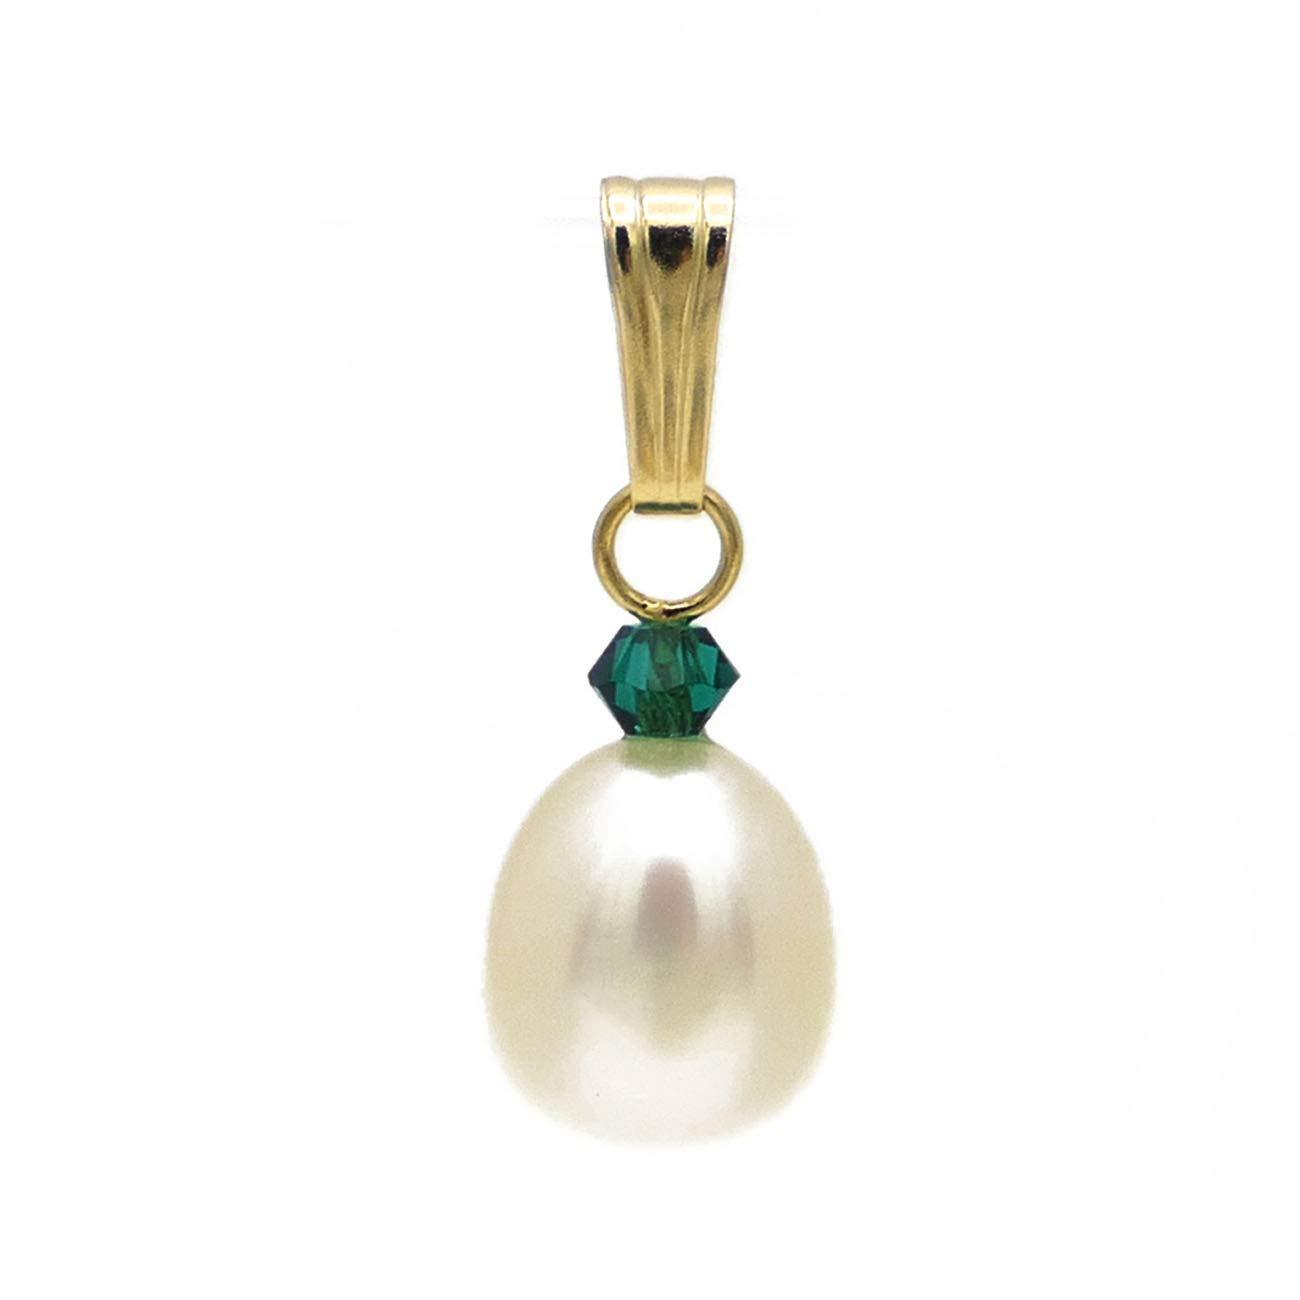 Perlen Anhänger 1/20 14k Gold mit Kristall smaragd grün und 8-9mm Süßwasser Zucht Perle weiß